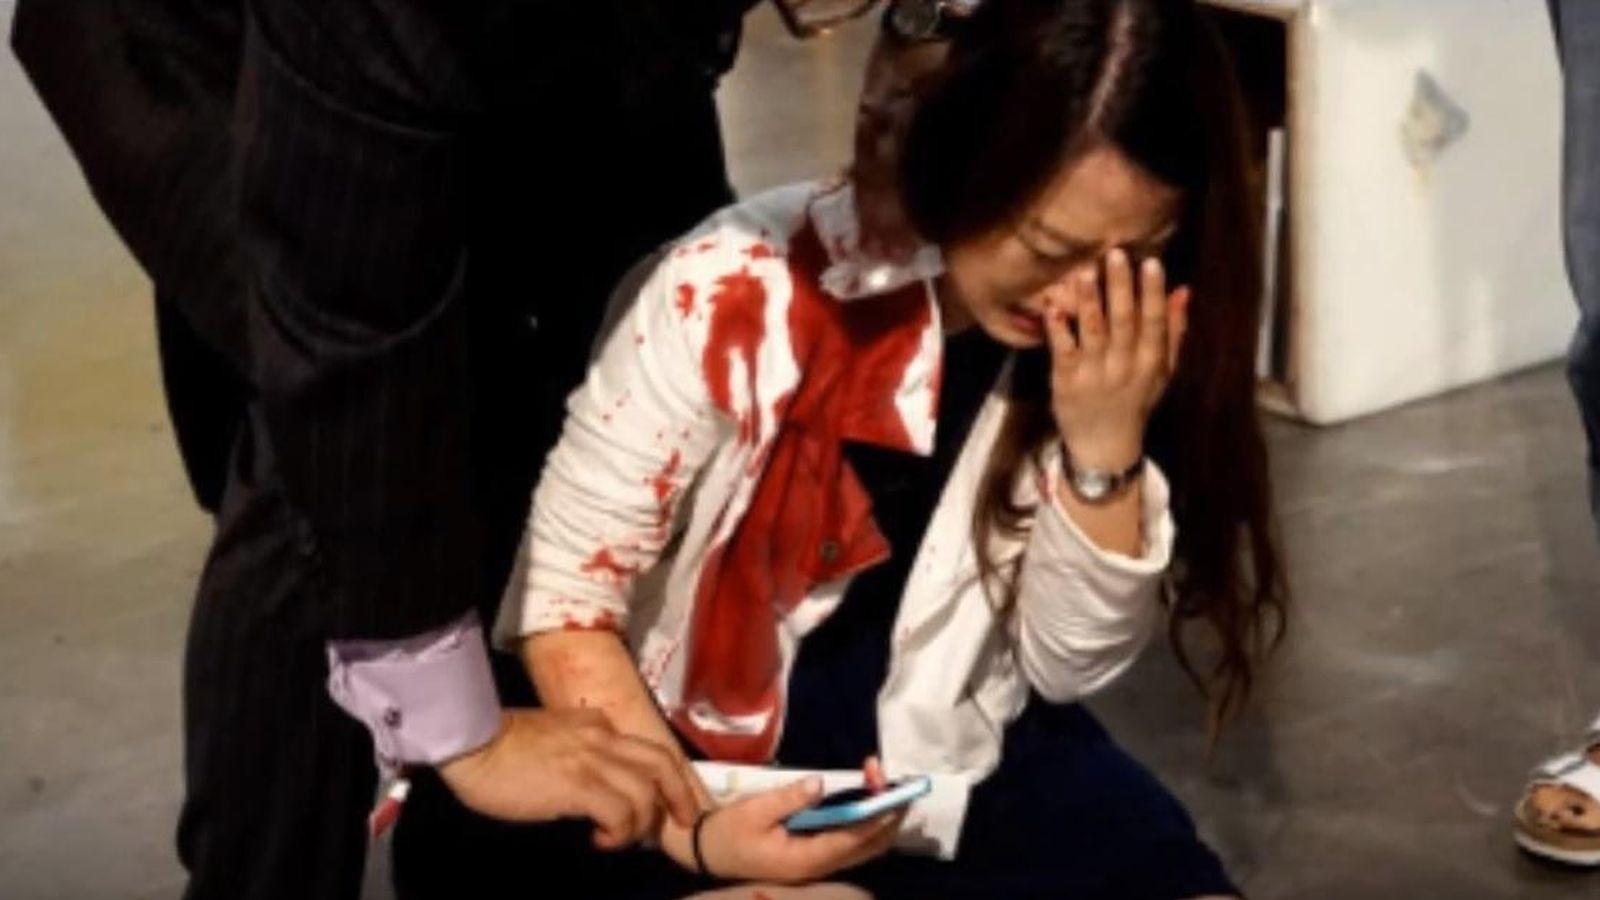 Foto: La víctima, después de ser apuñalada (captura de YouTube/Rudy Pérez)